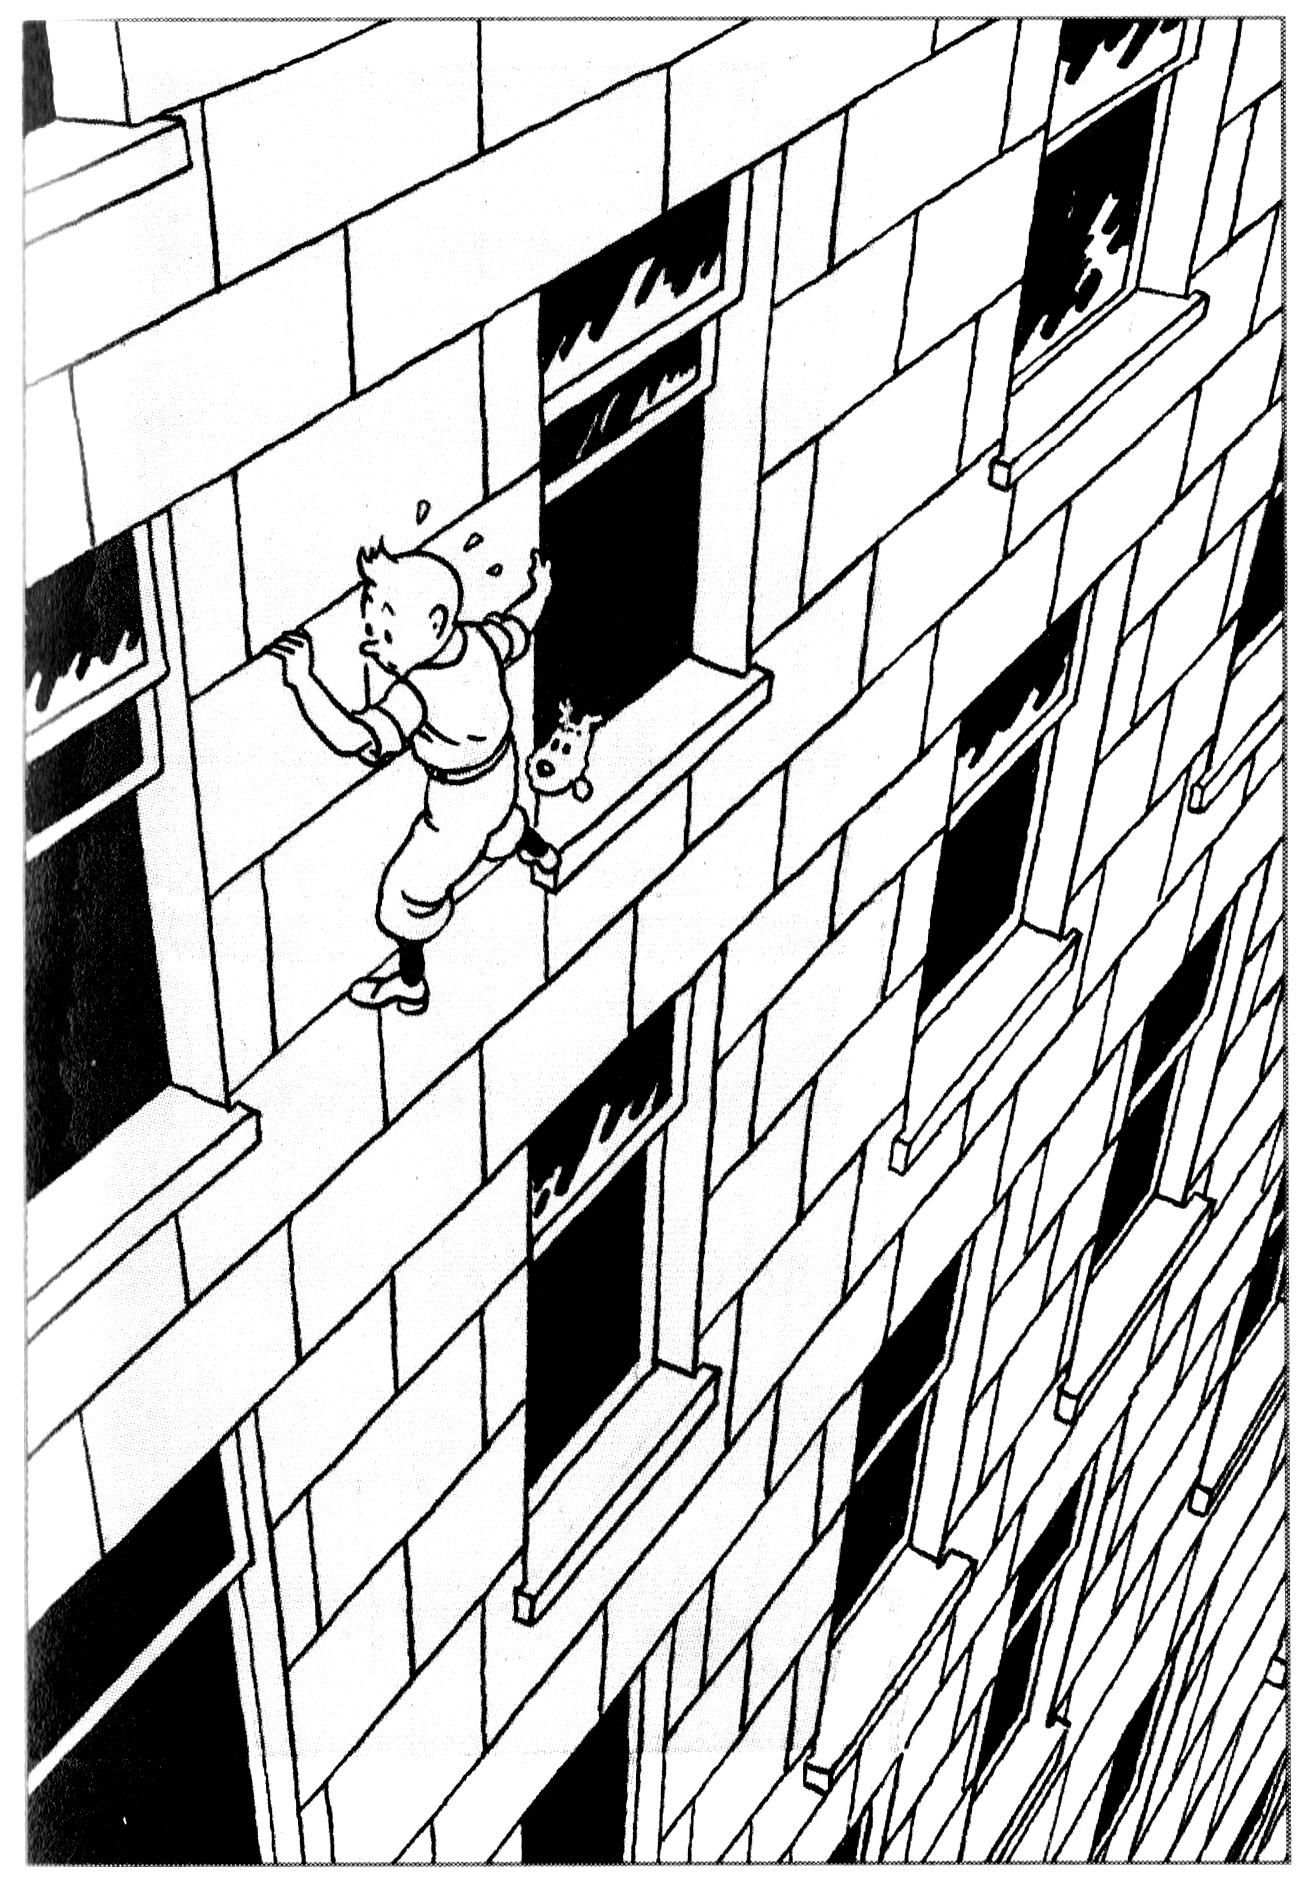 Tintin en Amérique ... et dans une mauvaise situation (dessin d'Hergé de 1932)